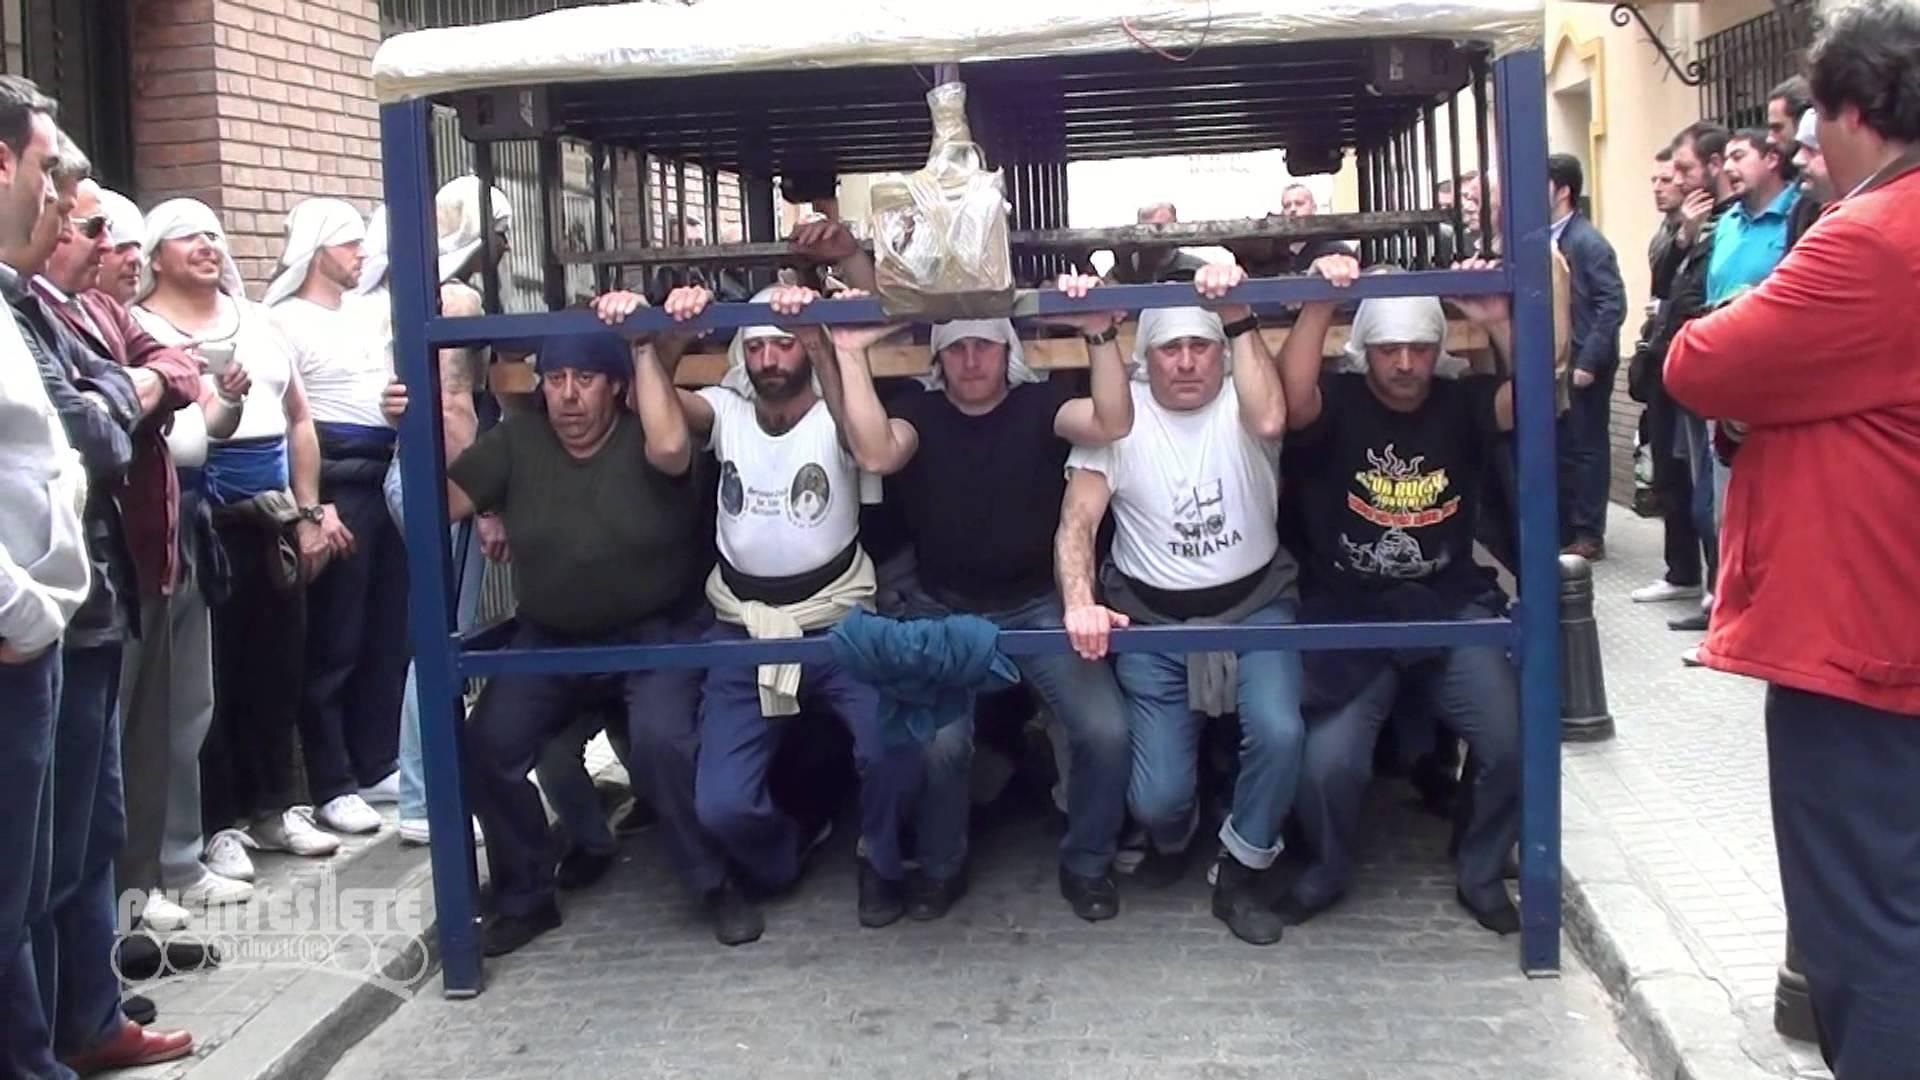 muskularni mężczyźni pod drewnianą platformą